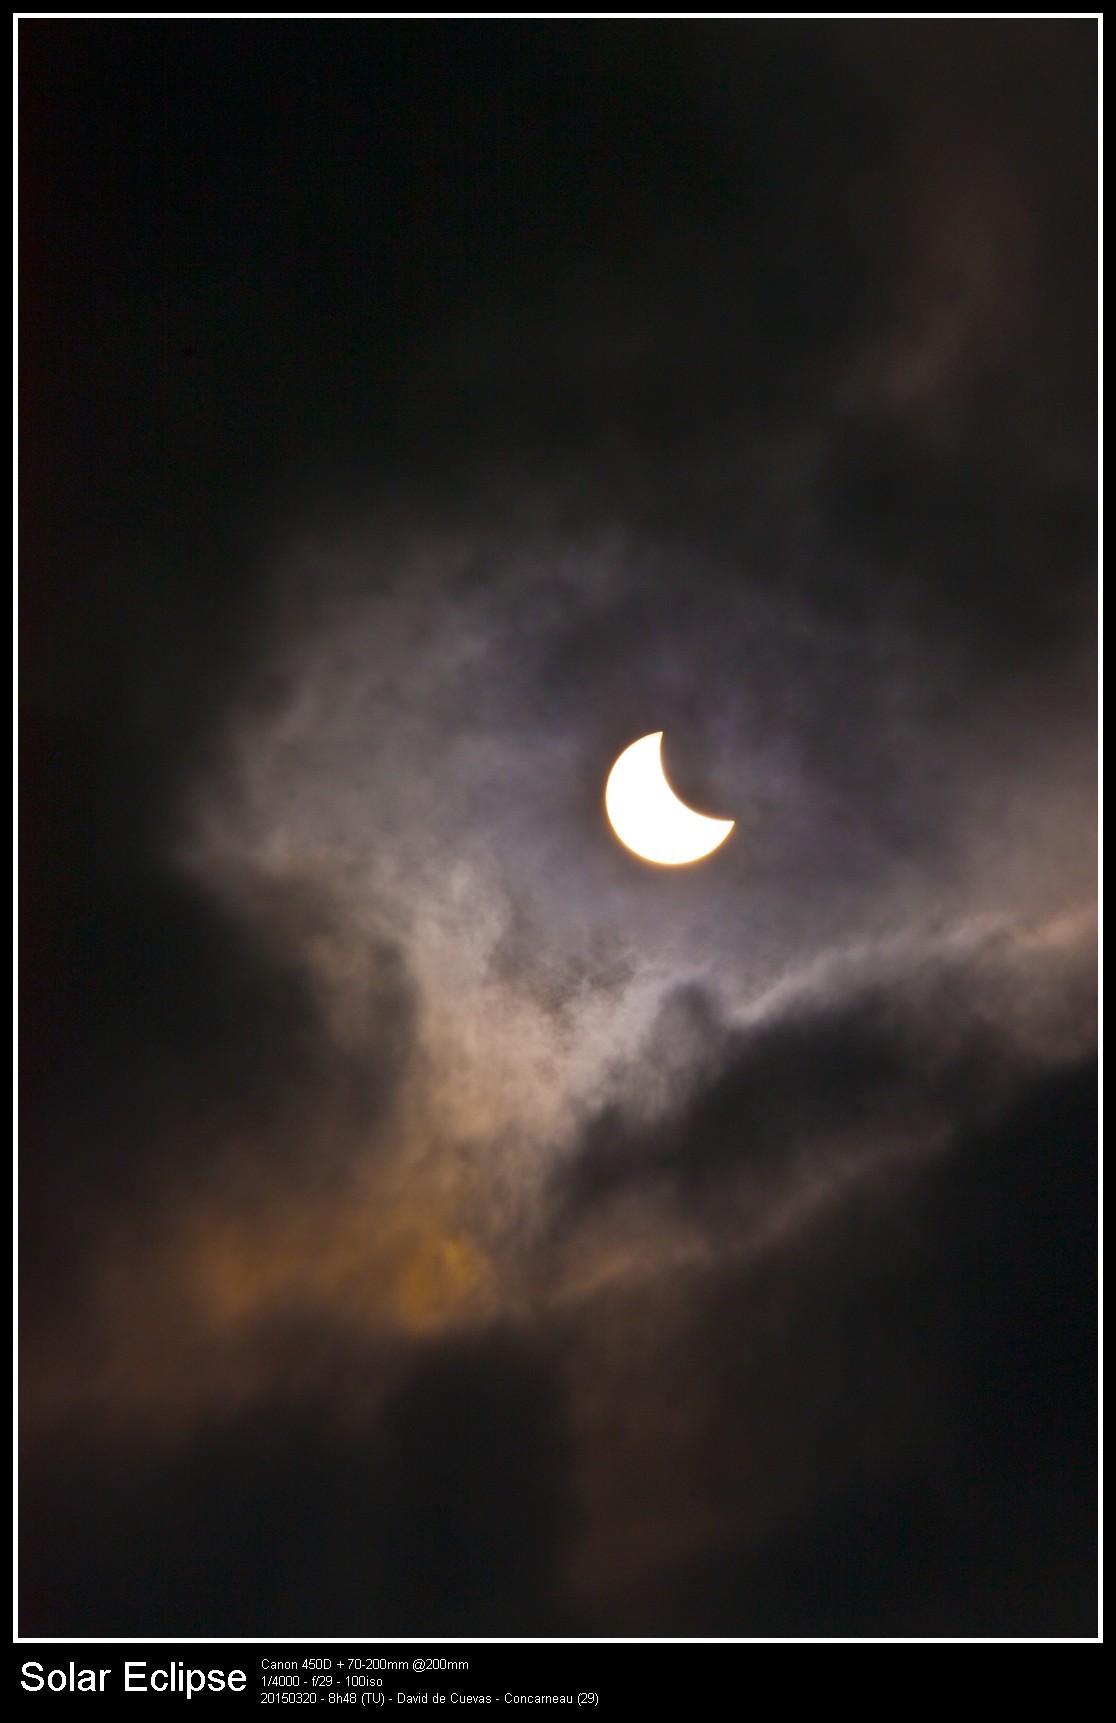 20150320_-Eclipse_2-e277826